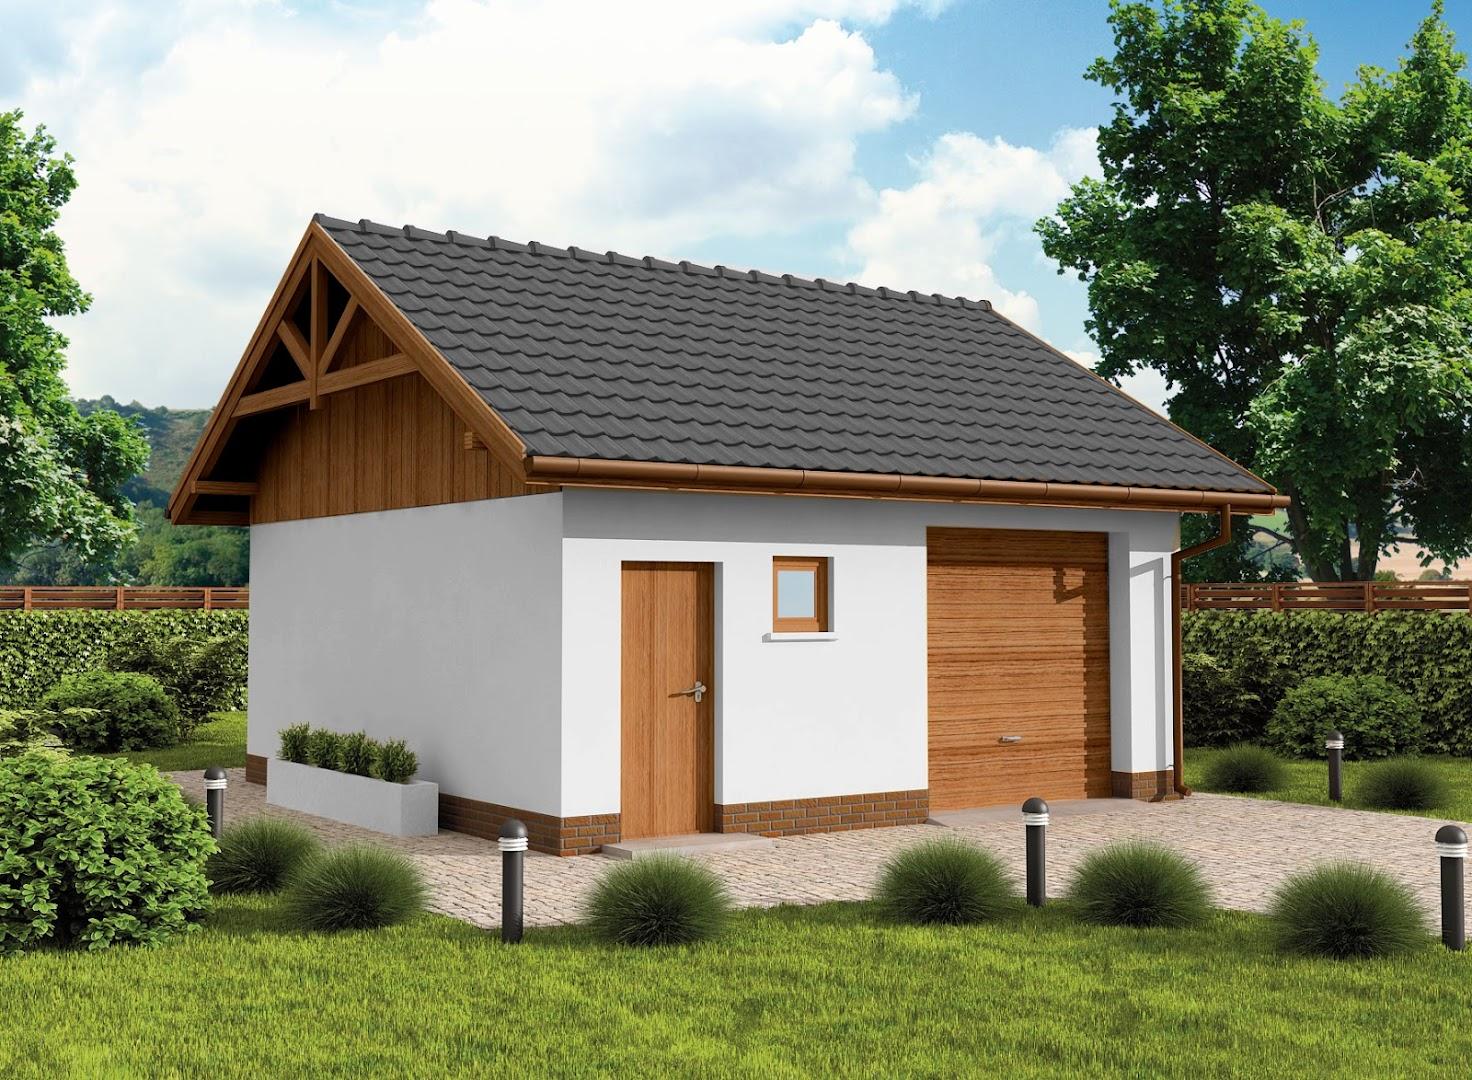 Projekt Garażu G73b Szkielet Drewniany Garaż Jednostanowiskowy Z